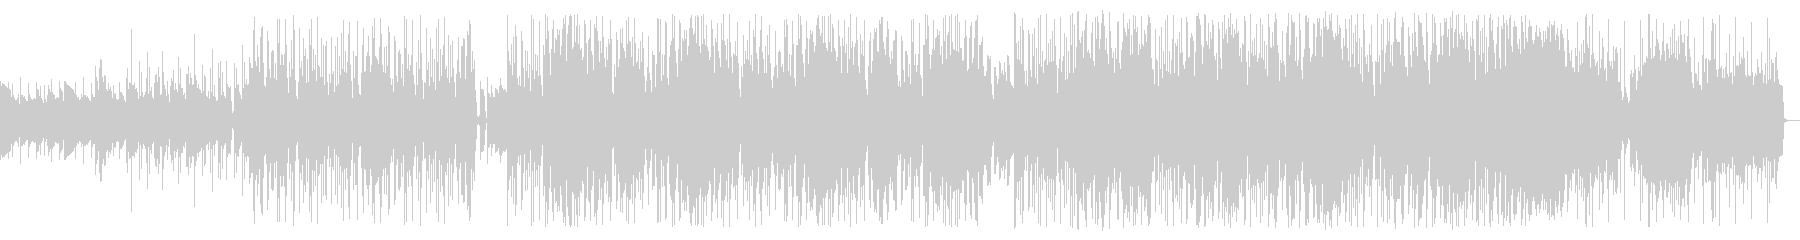 シックで大人なミステリアスジャズの未再生の波形